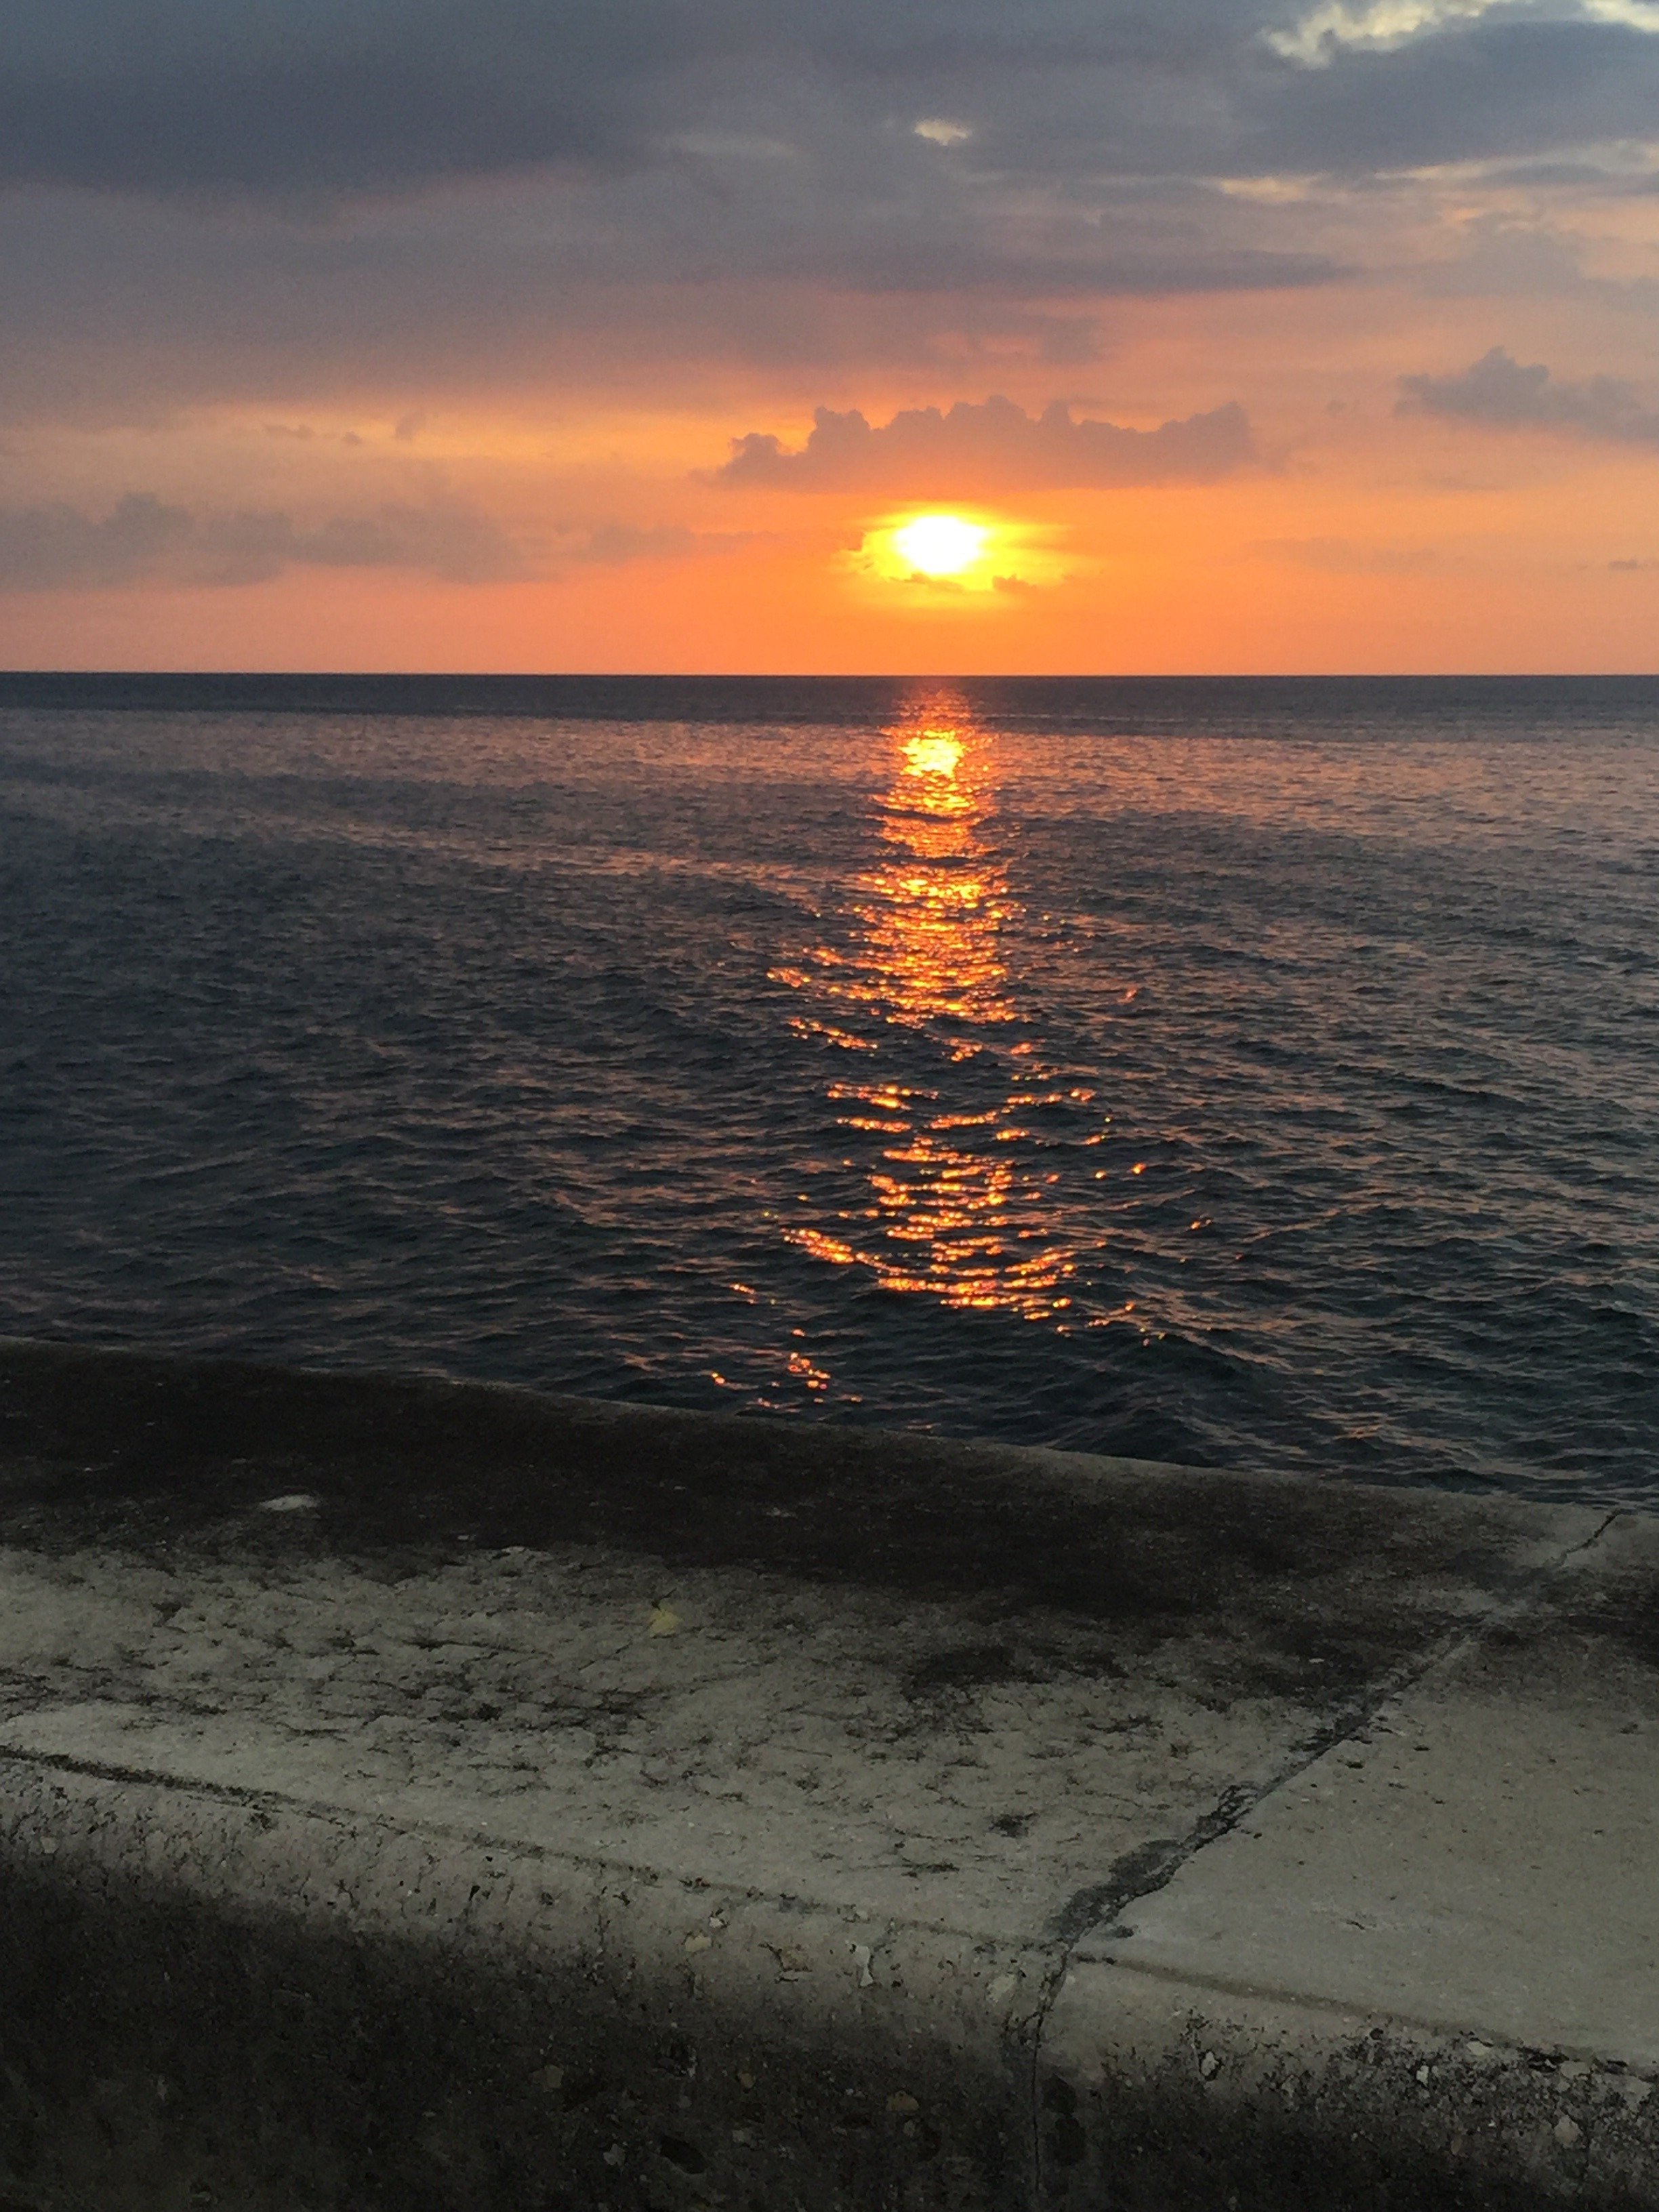 غروب الشمس كما يبدو من البحر الكاريبي